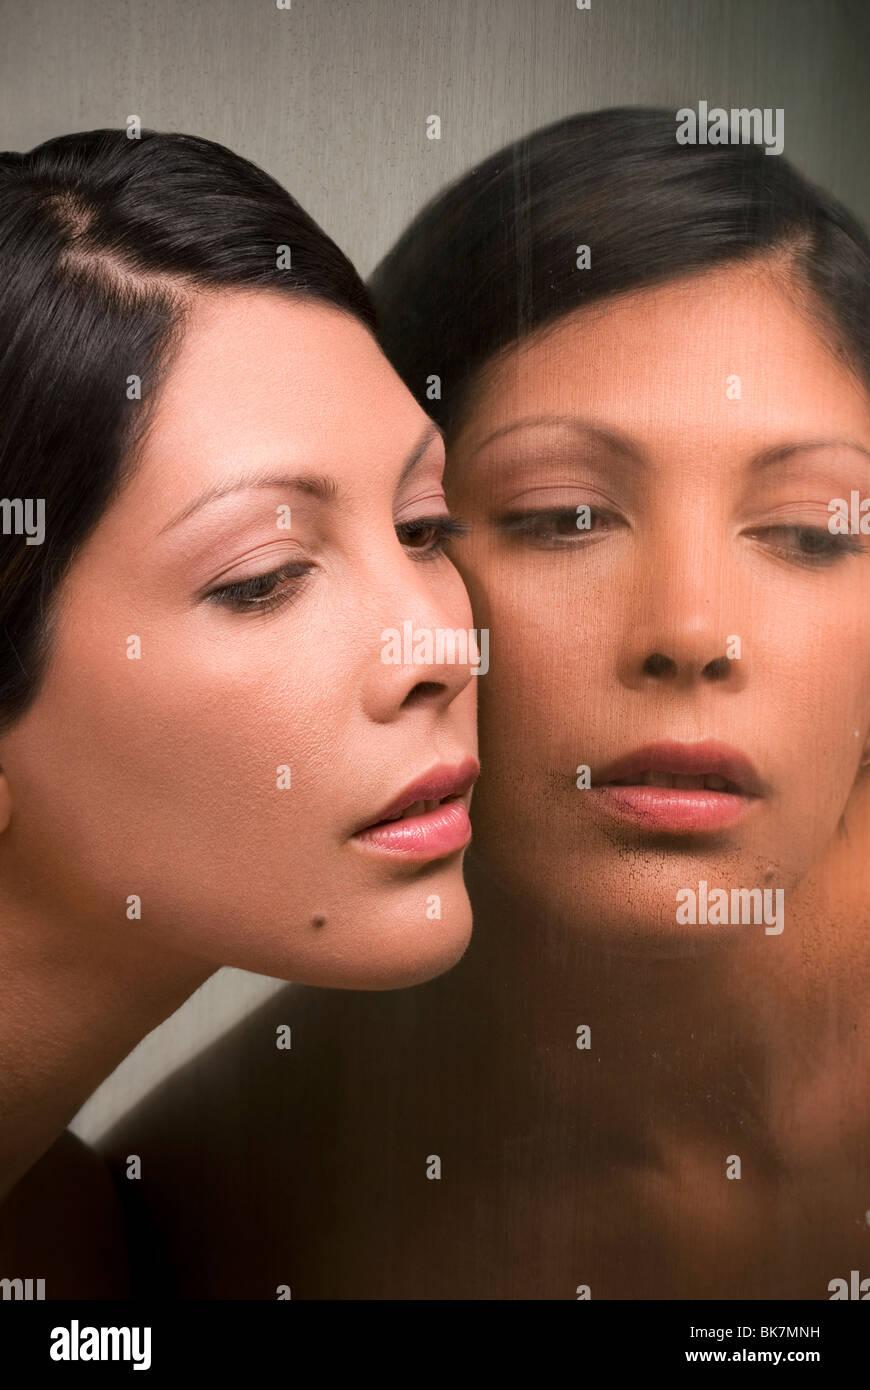 Junge Hispanic Frau und ihr Spiegelbild Stockbild